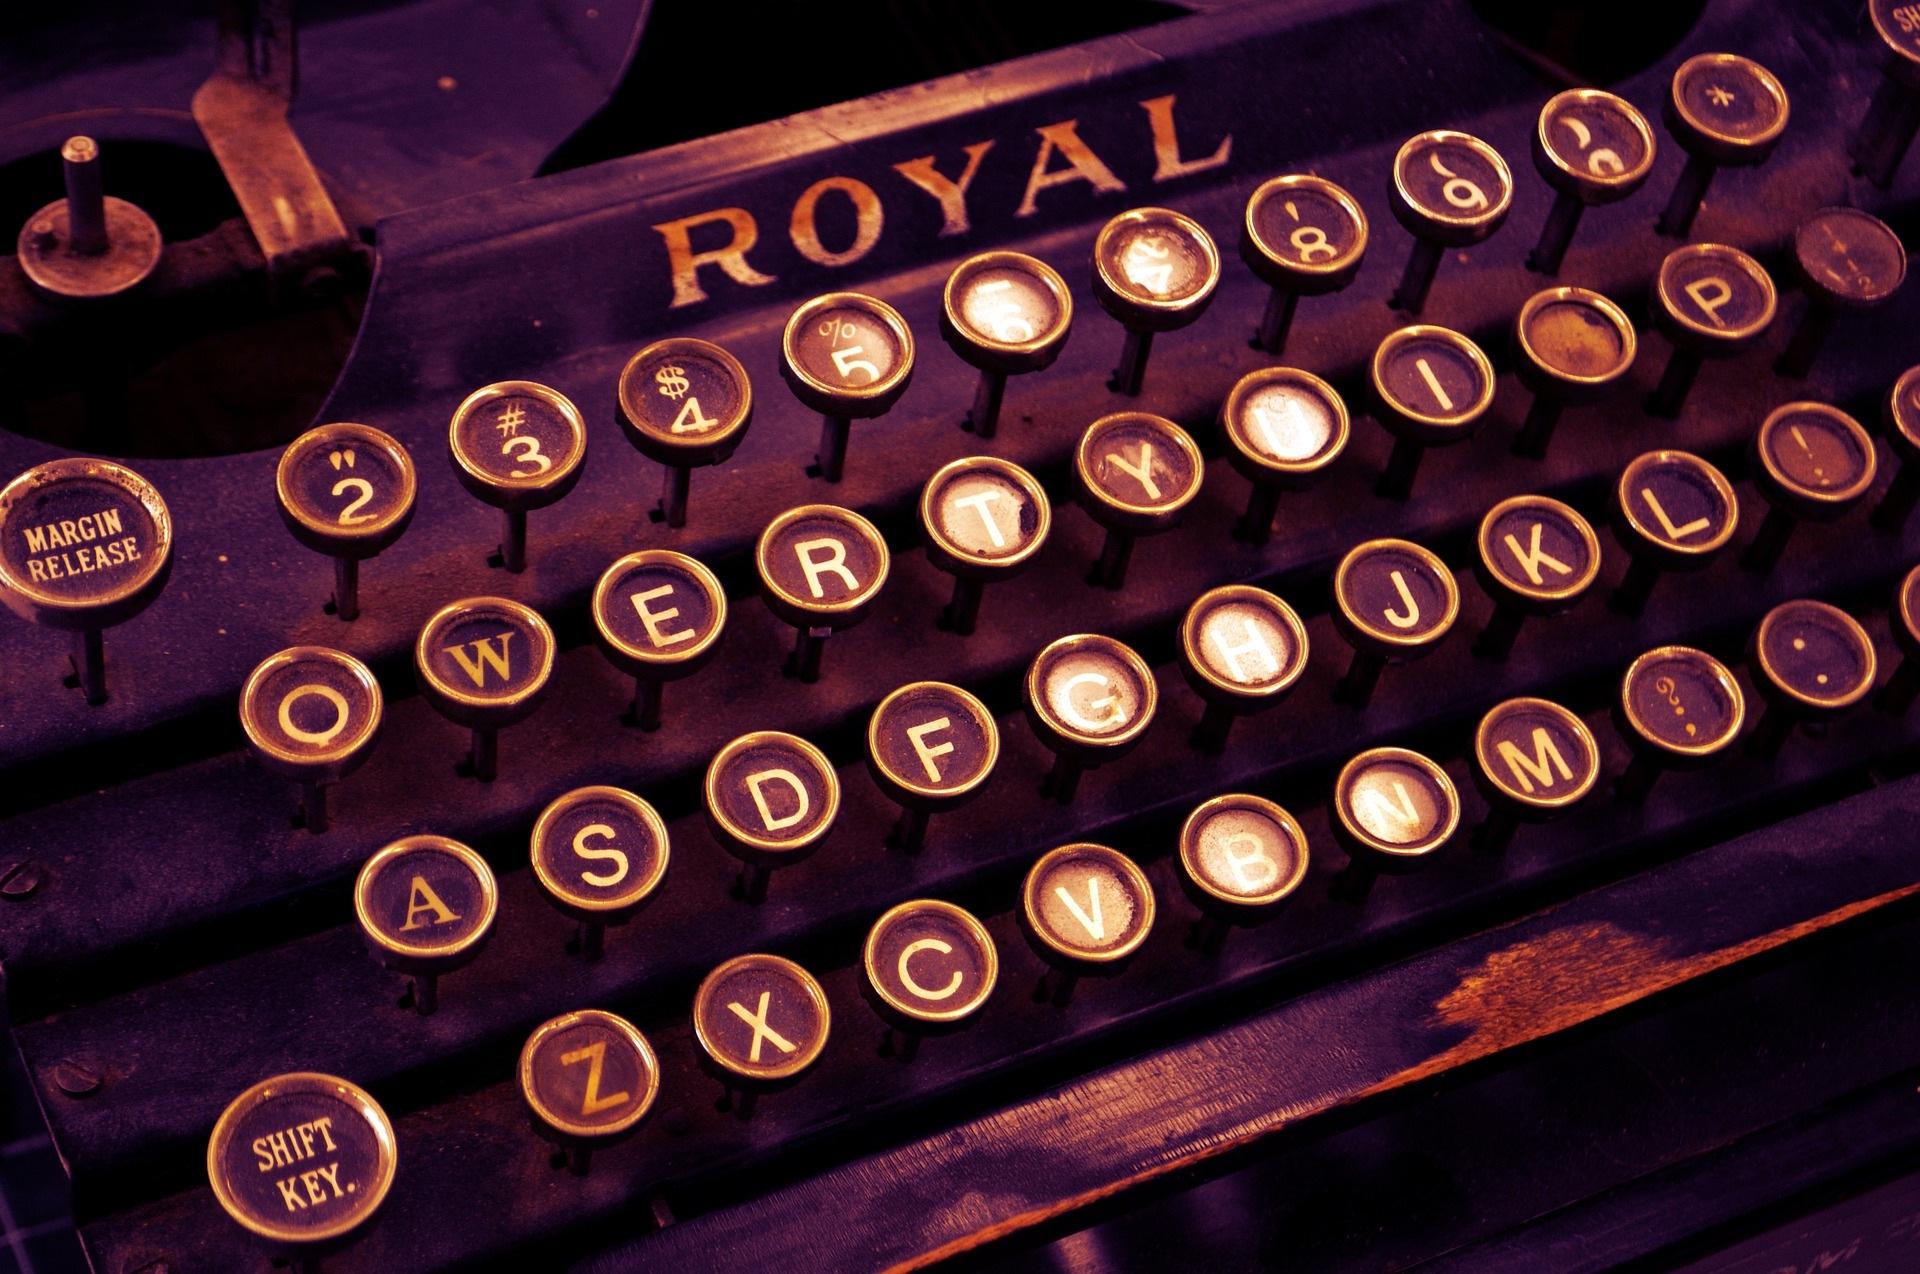 Warum sind die Tasten auf der Tastatur so angeordnet?